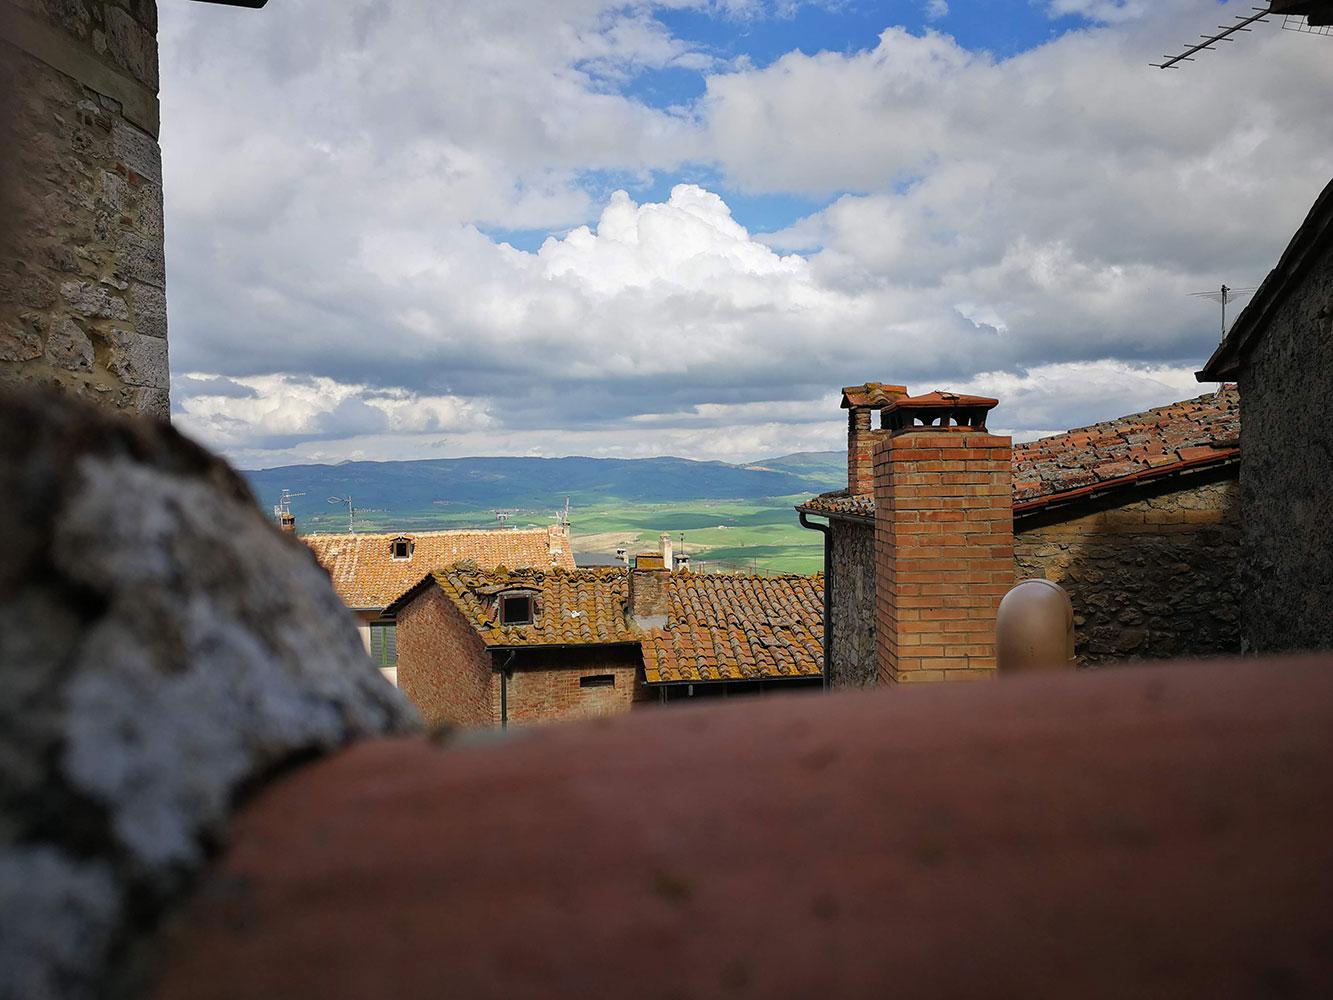 tuscany-landascape